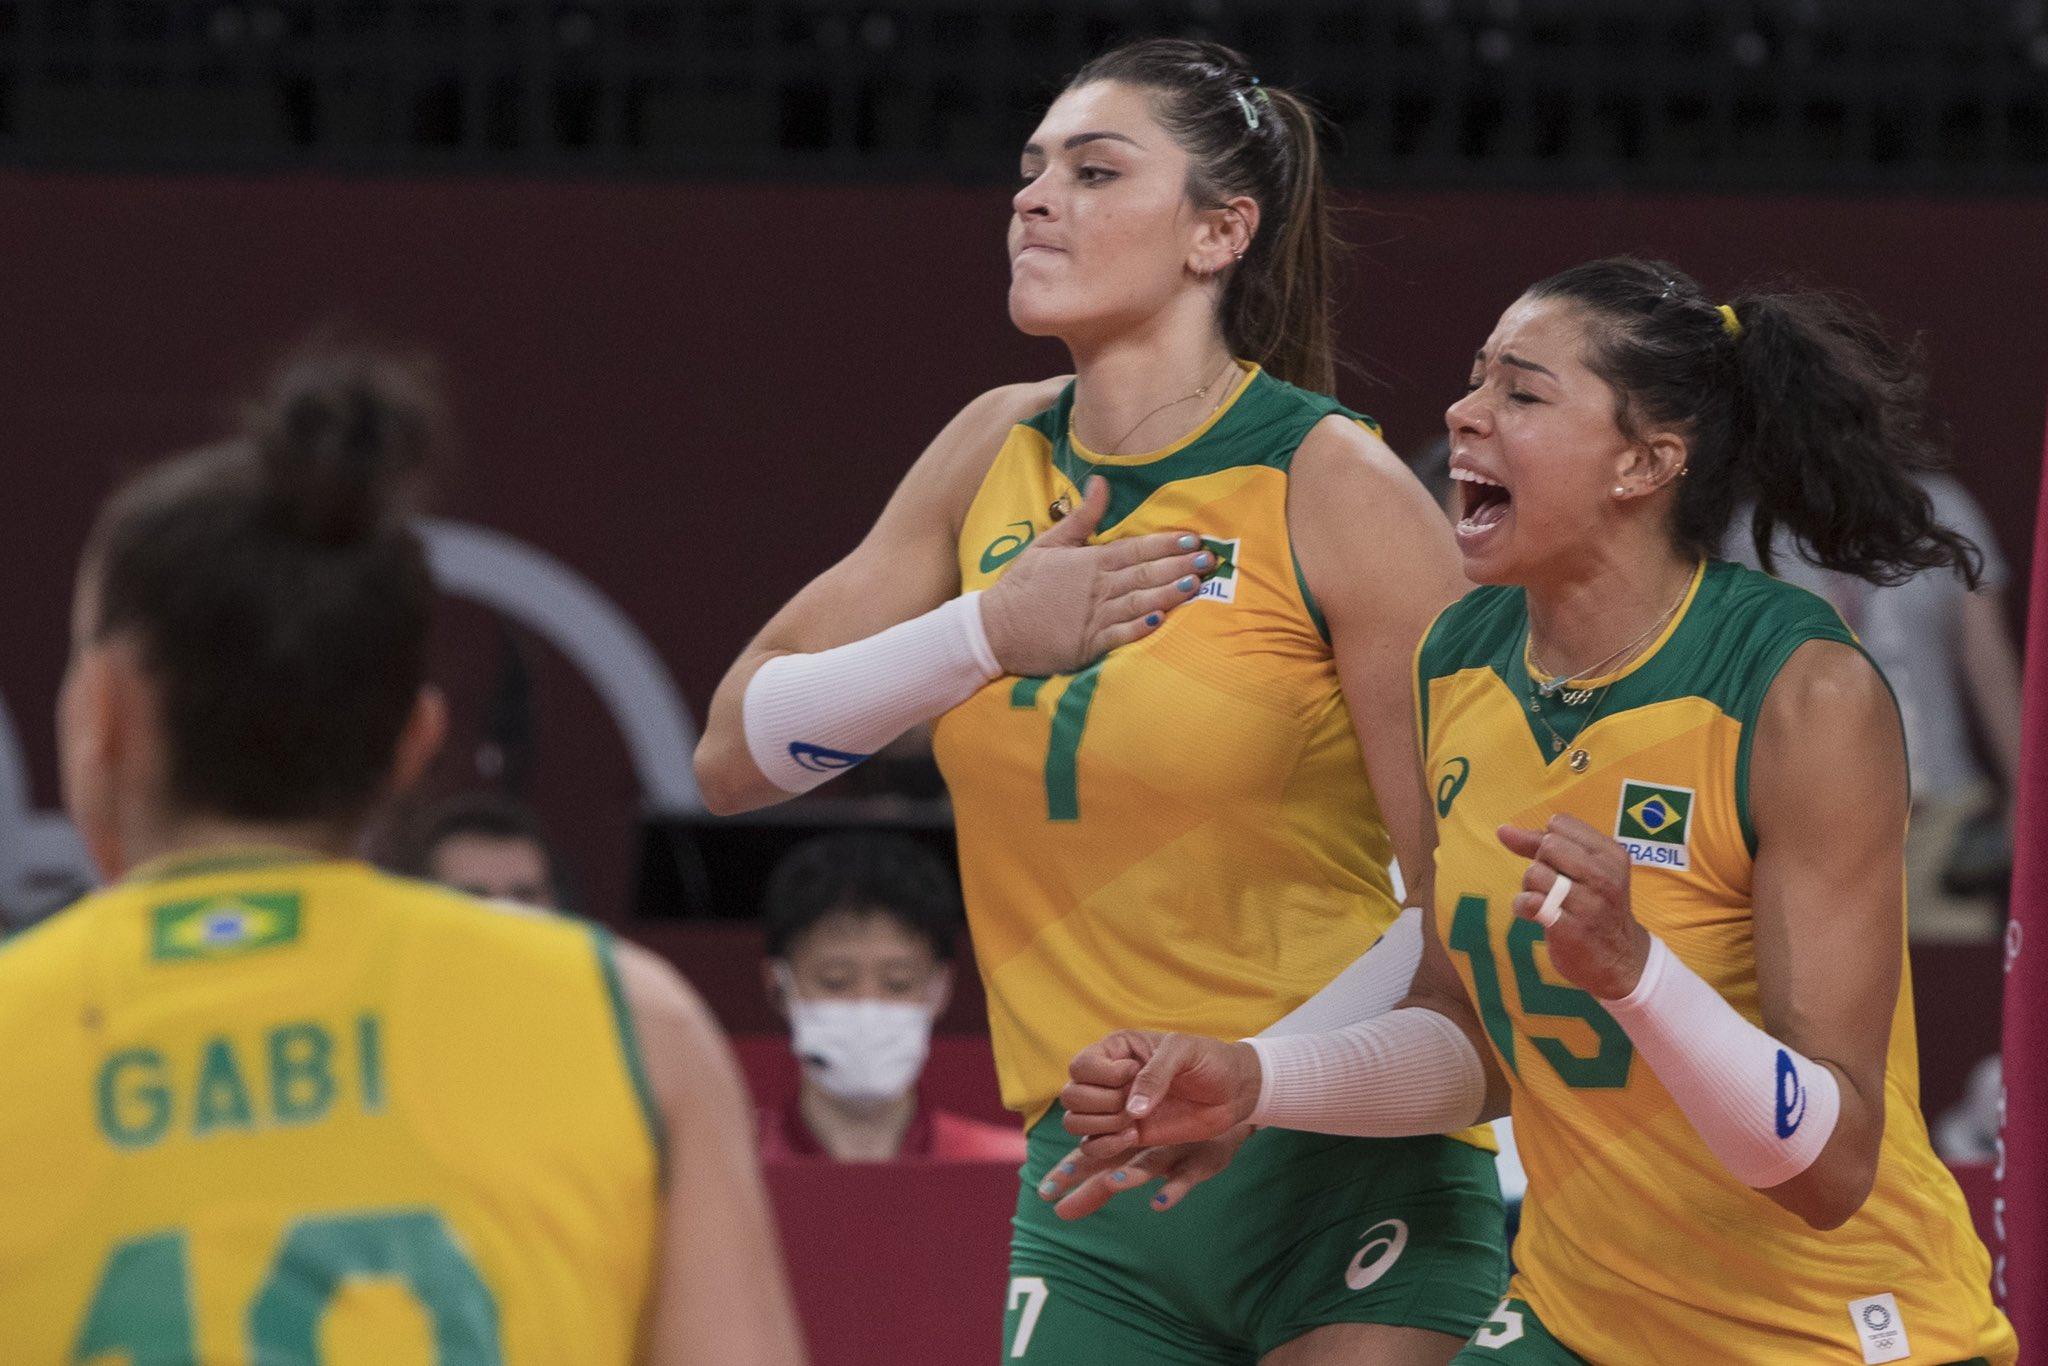 Seleção feminina de vôlei brilha e vai lutar pelo Ouro no domingo (8)- Foto: Julio Cesar Guimarães/COB